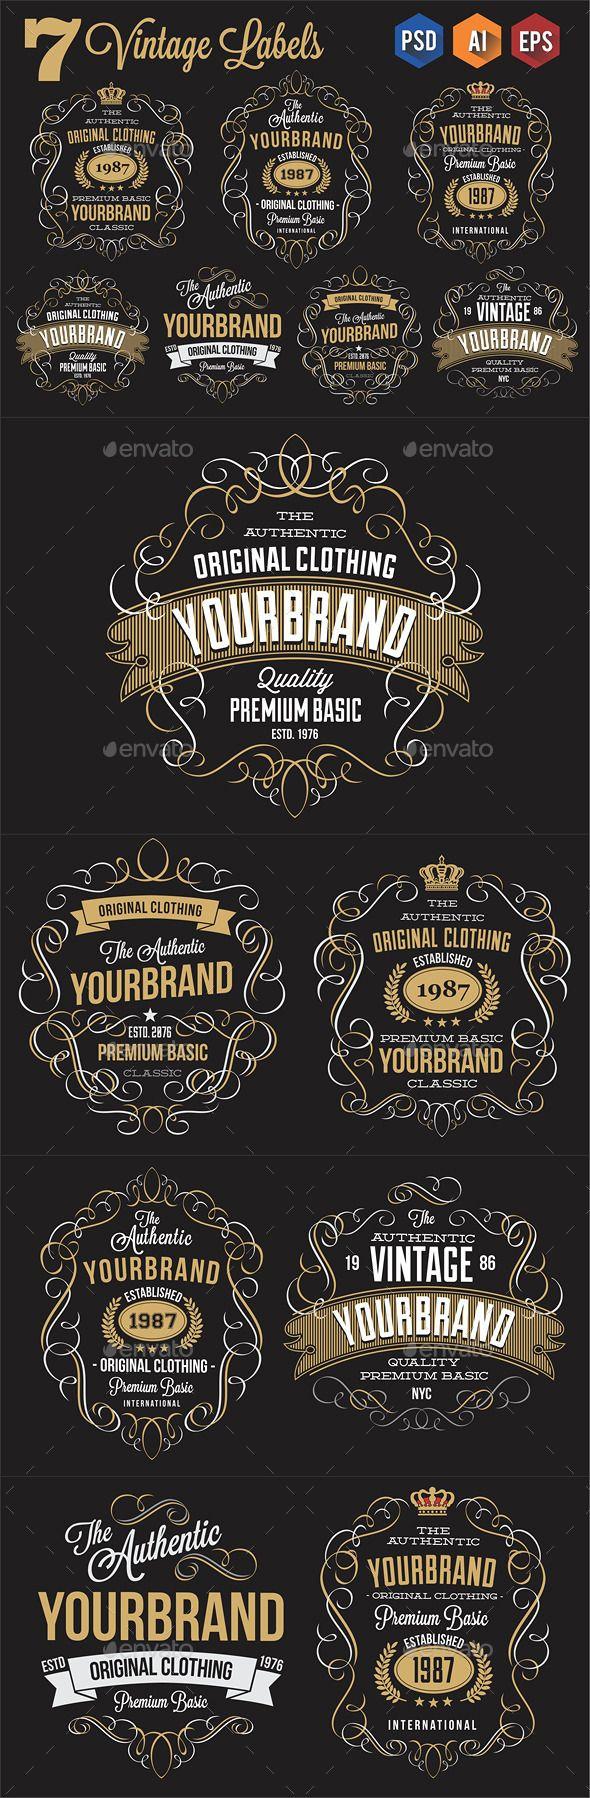 7 Vintage Labels Design #labels Download: http://graphicriver.net/item/7-vintage-labels/11411880?ref=ksioks